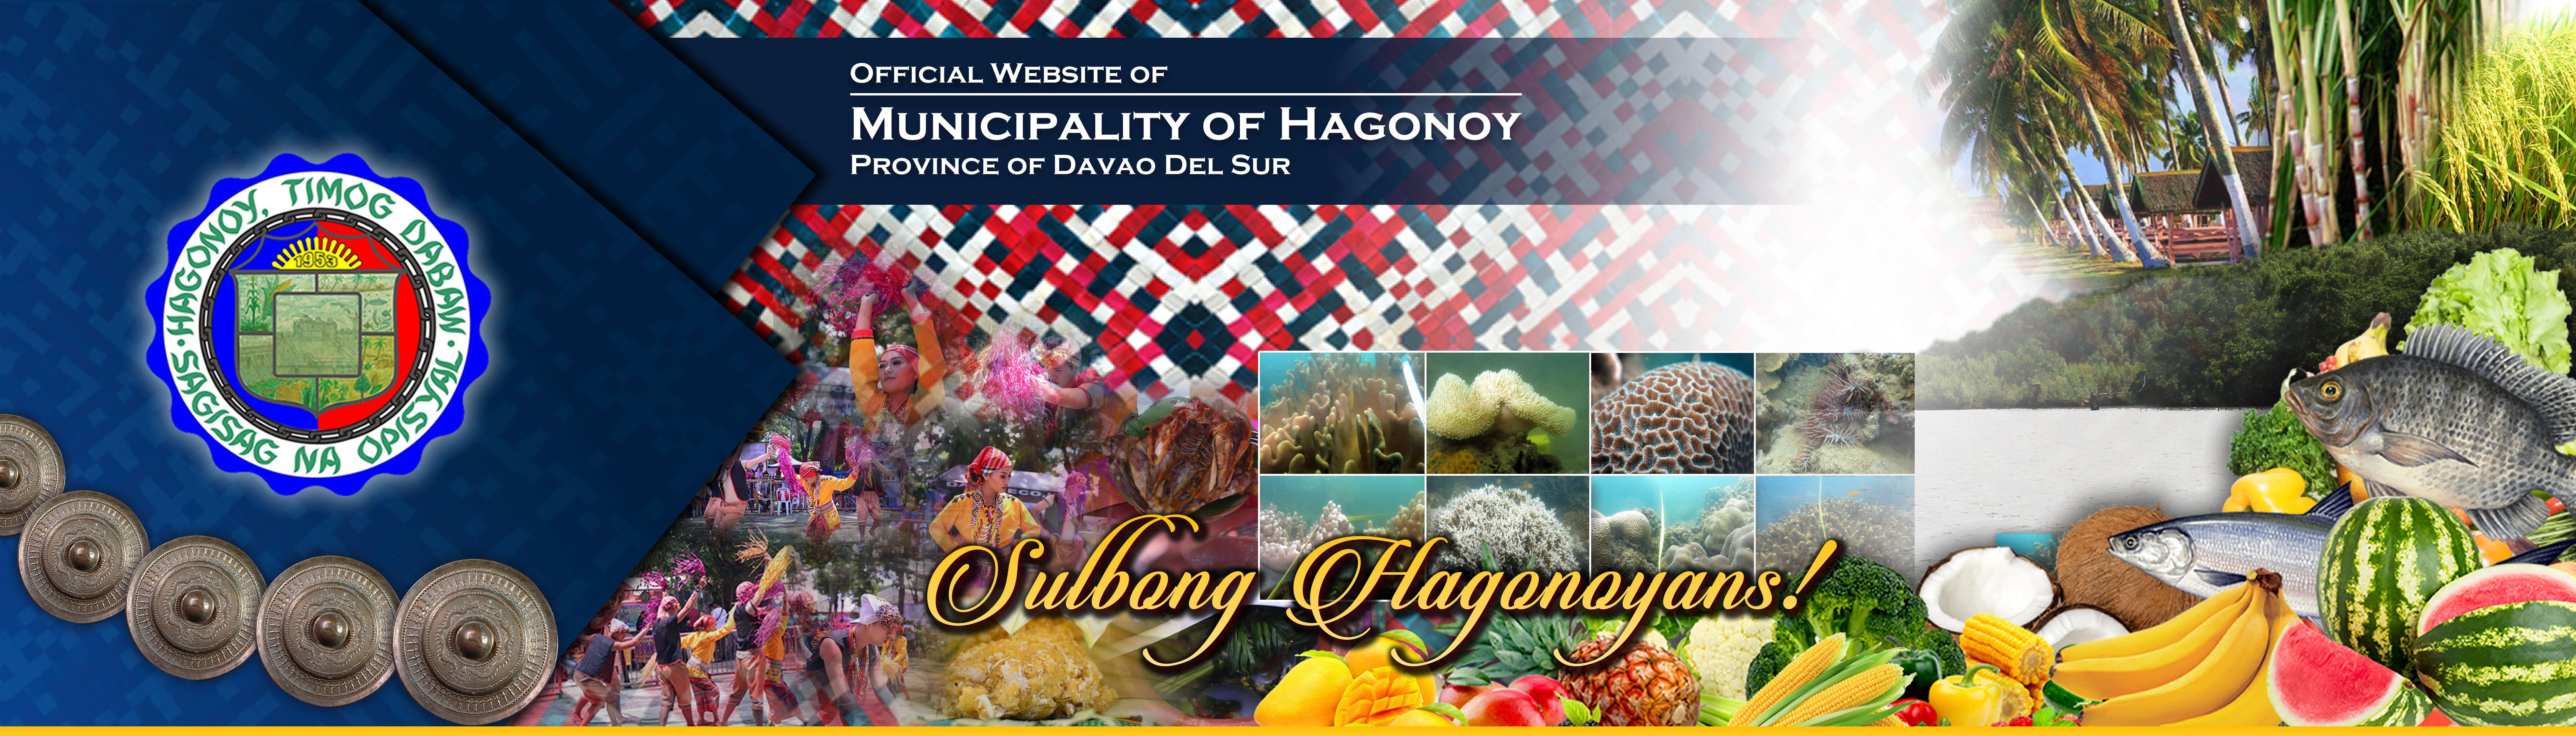 Municipality of Hagonoy